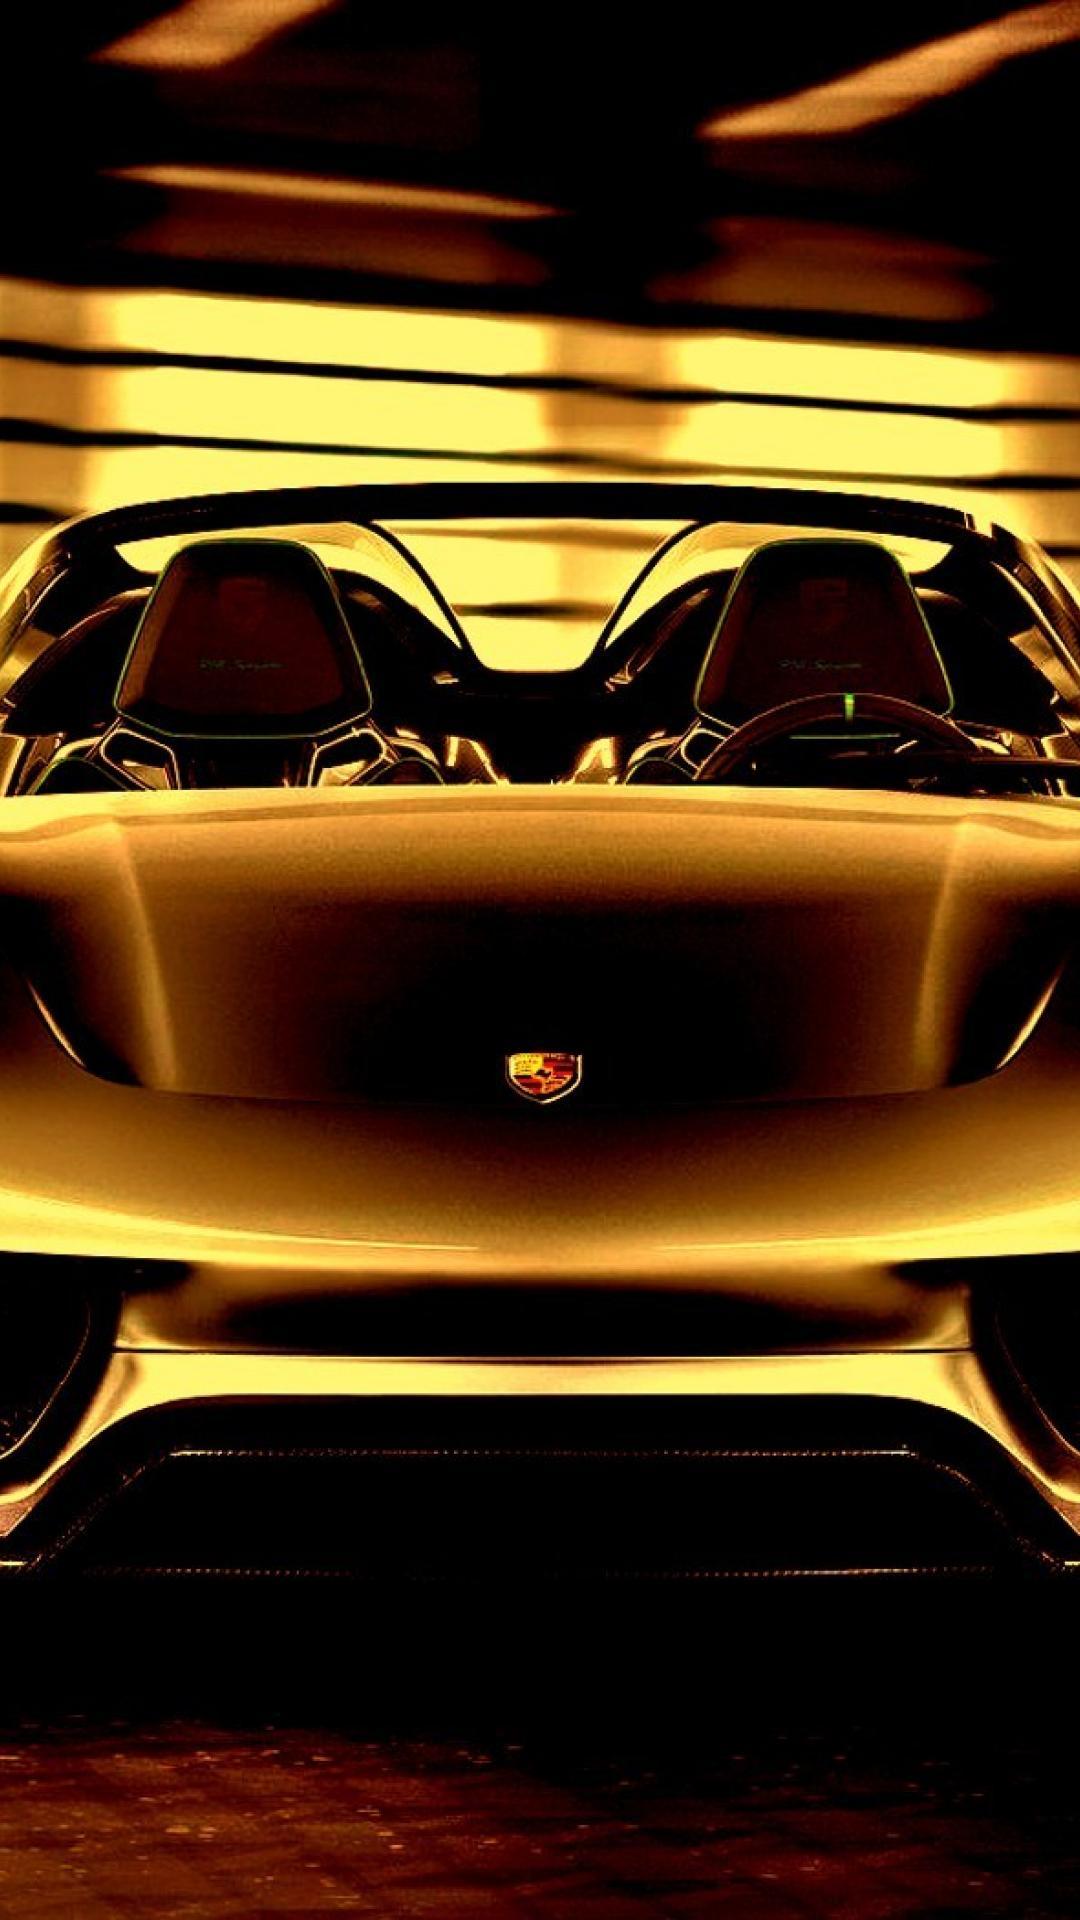 Gold Porsche Wallpapers